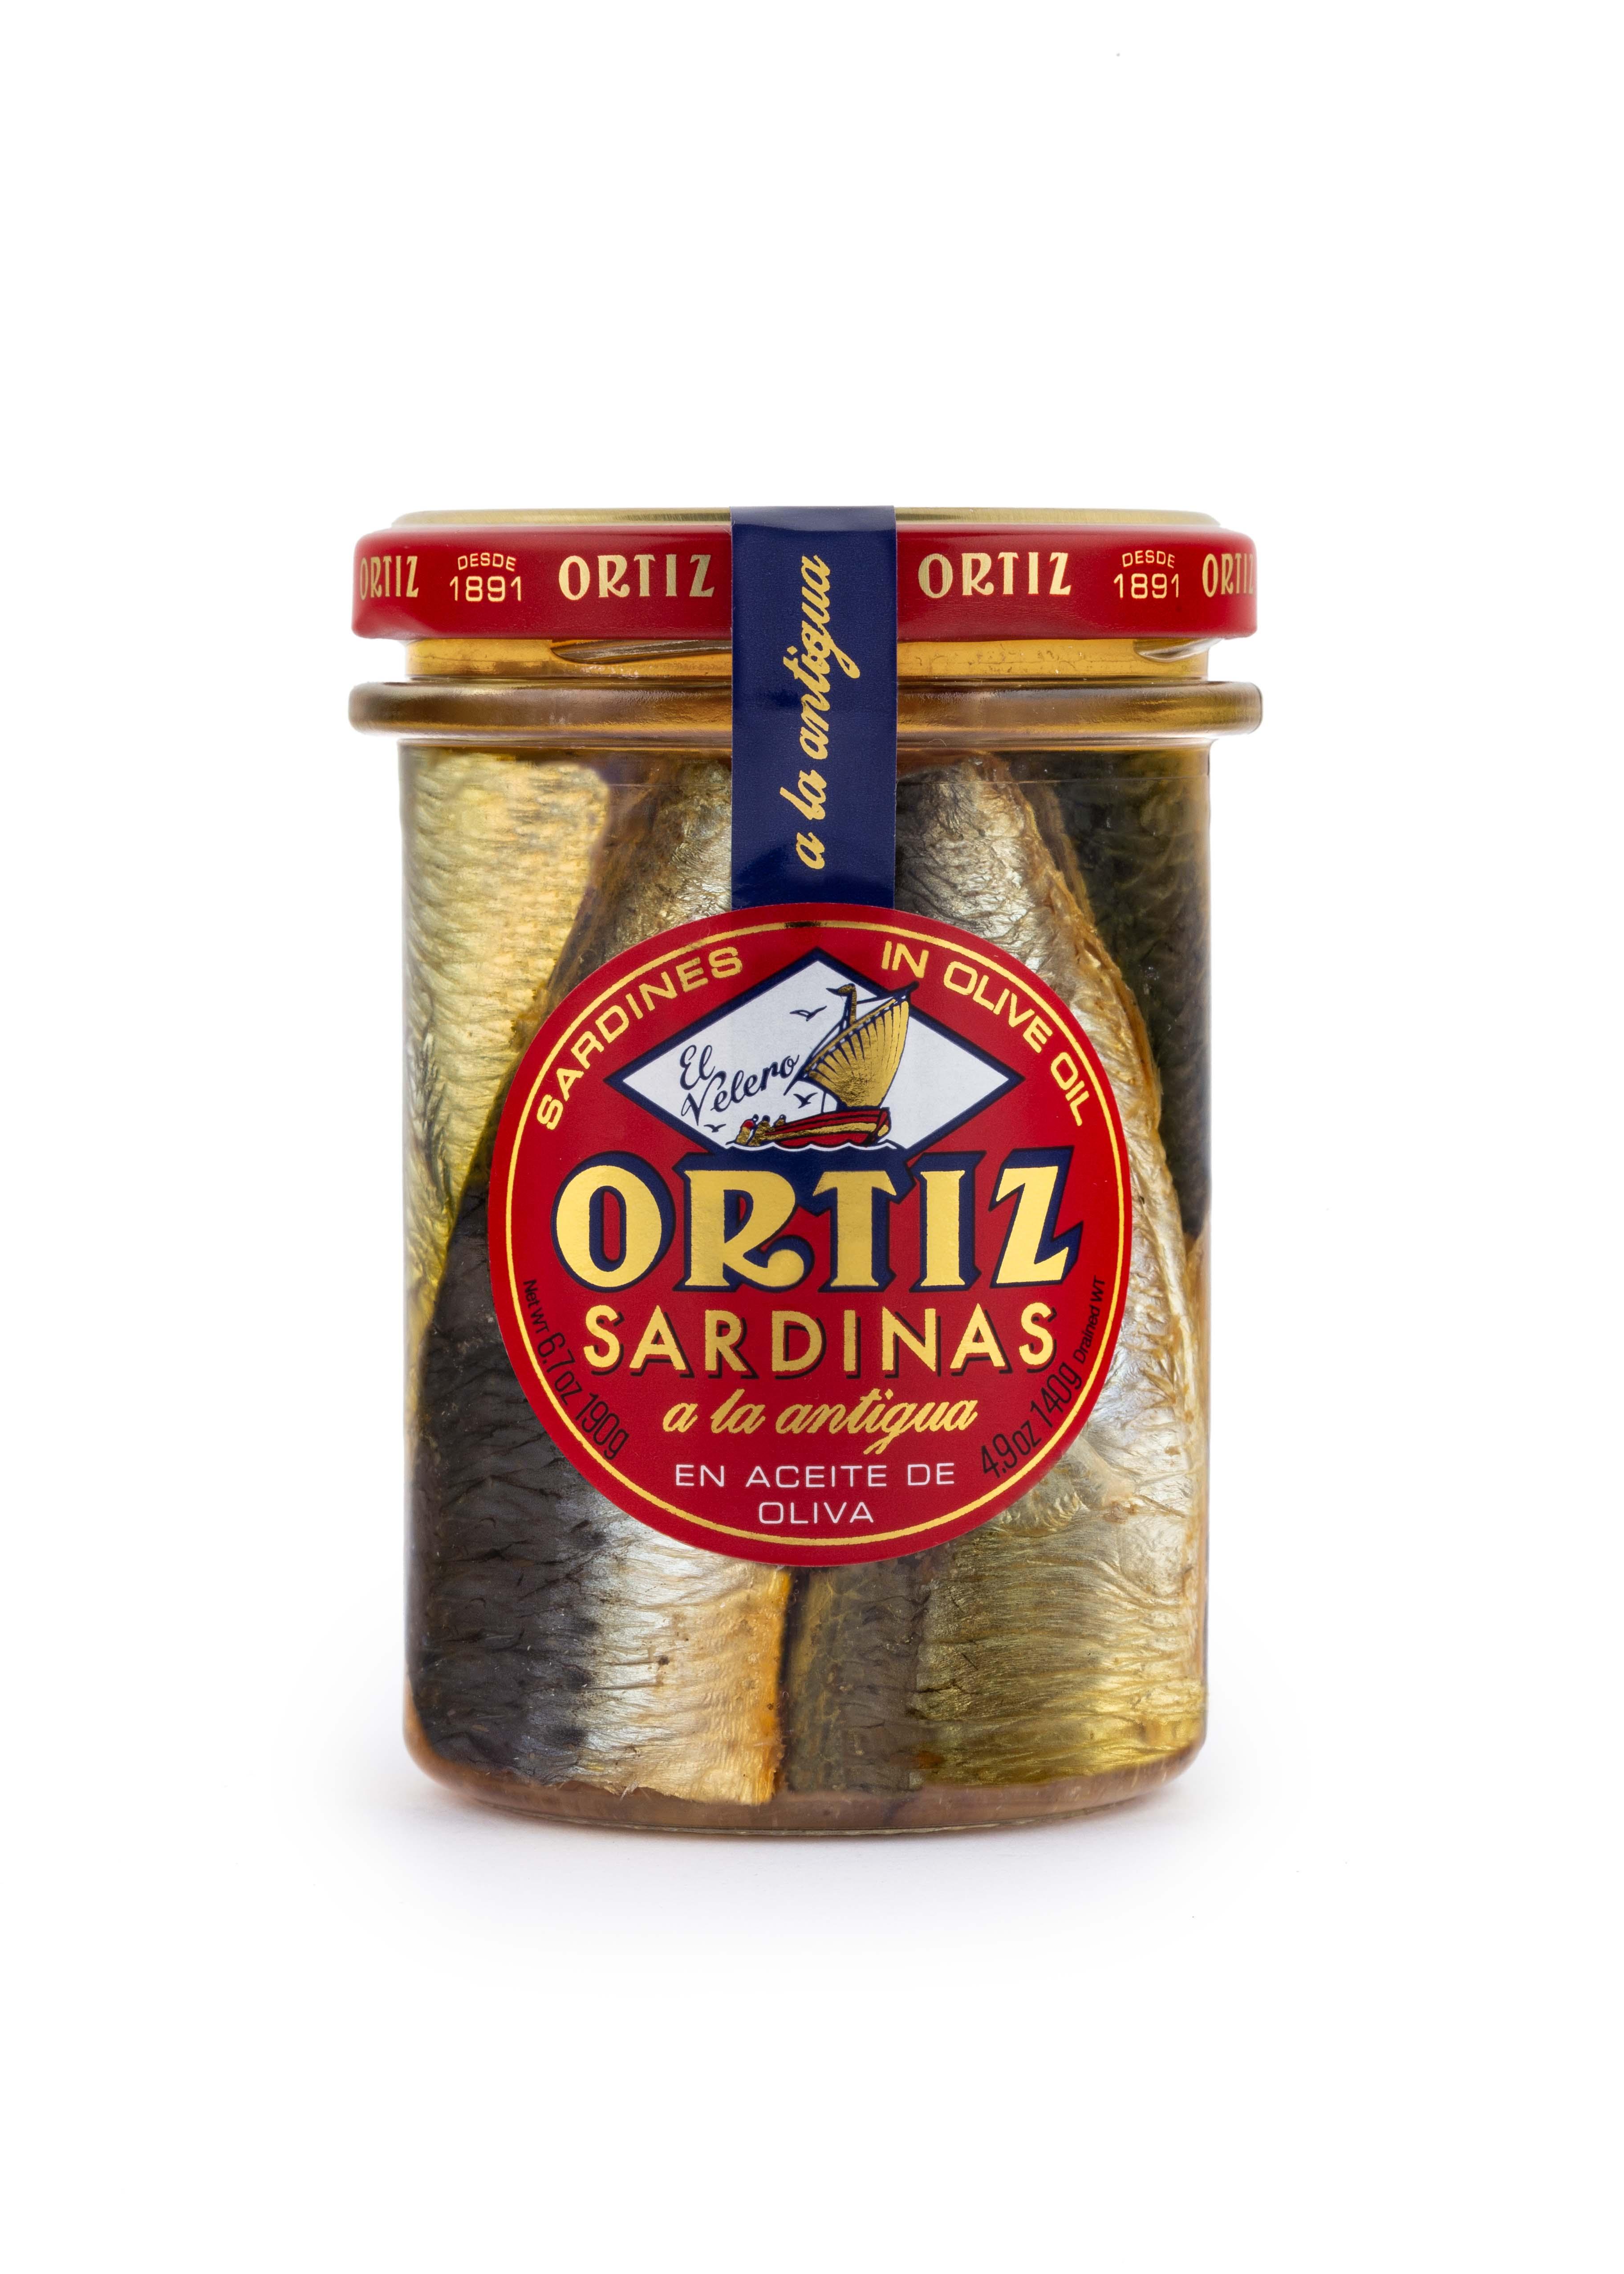 Sardines in olive oil 190gr Jar